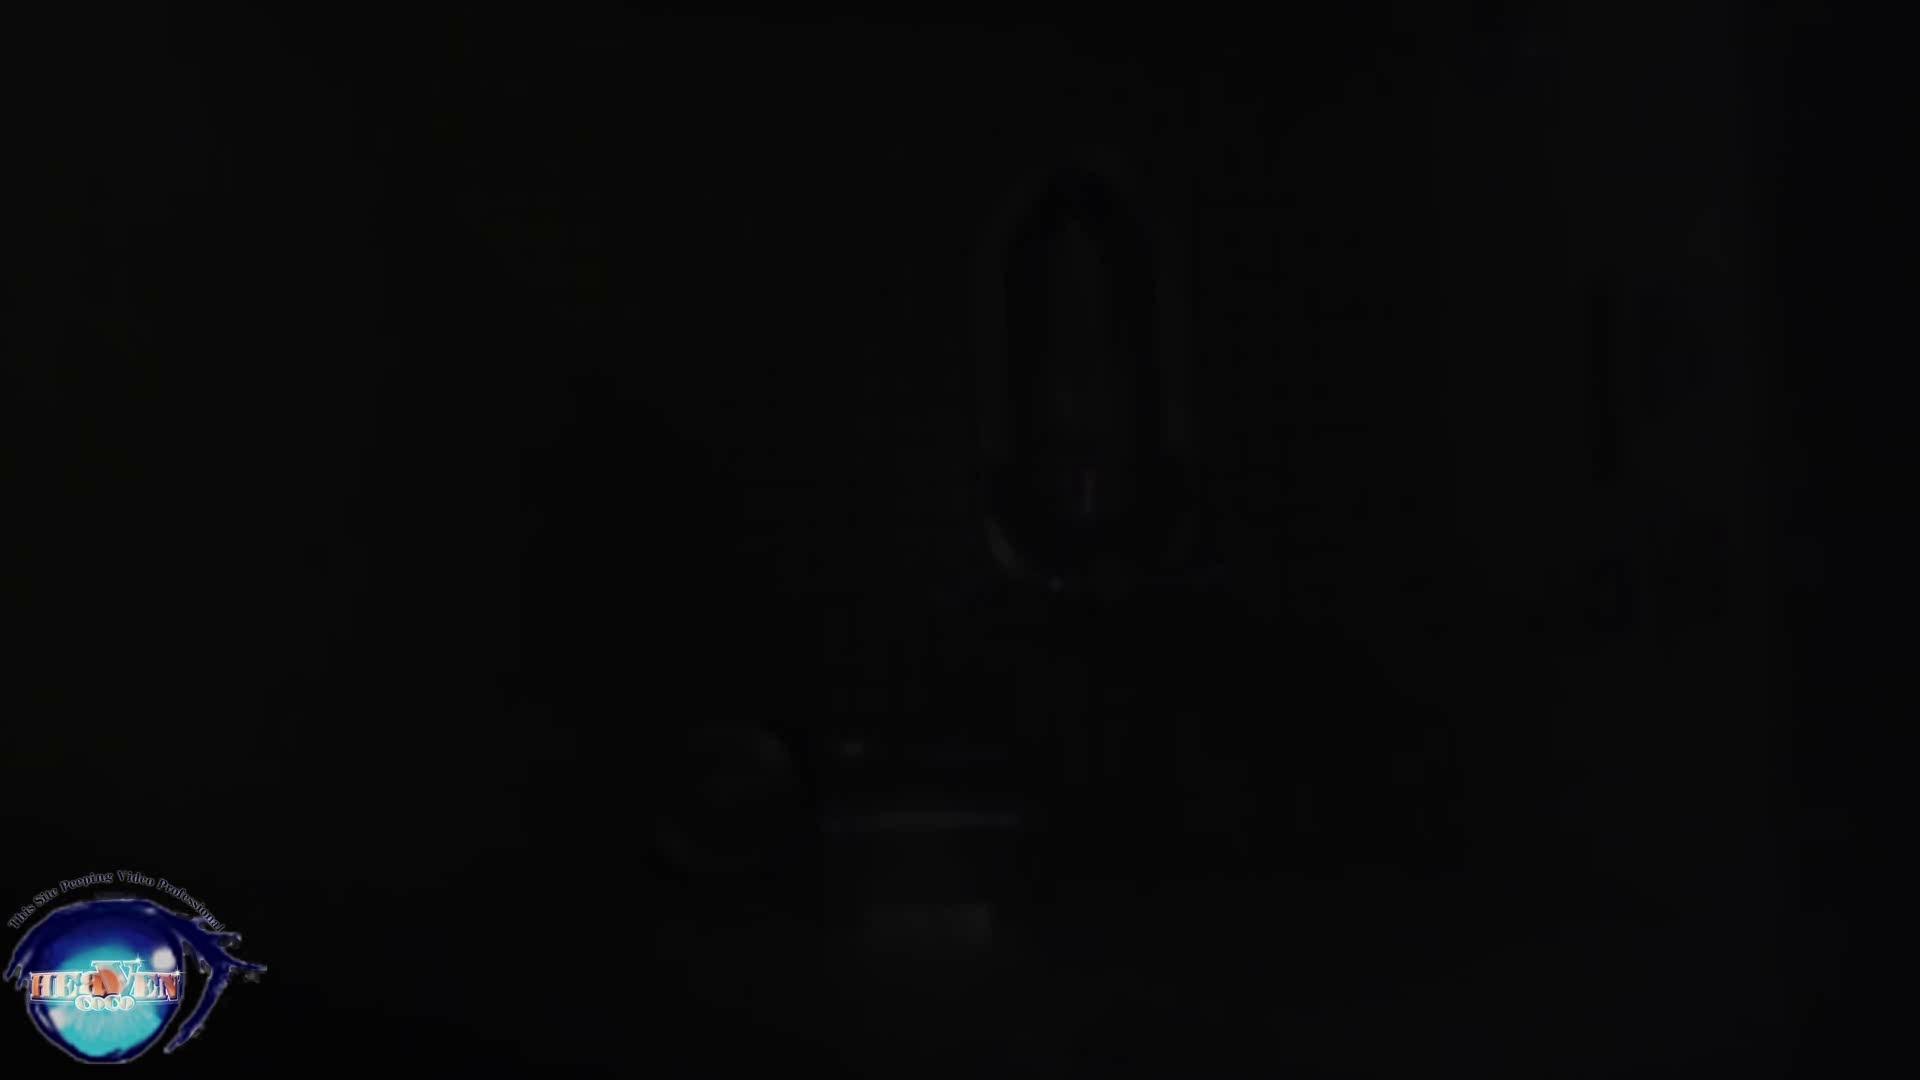 水泳大会選手の聖水 vol.01 トイレ 盗撮 102PIX 48